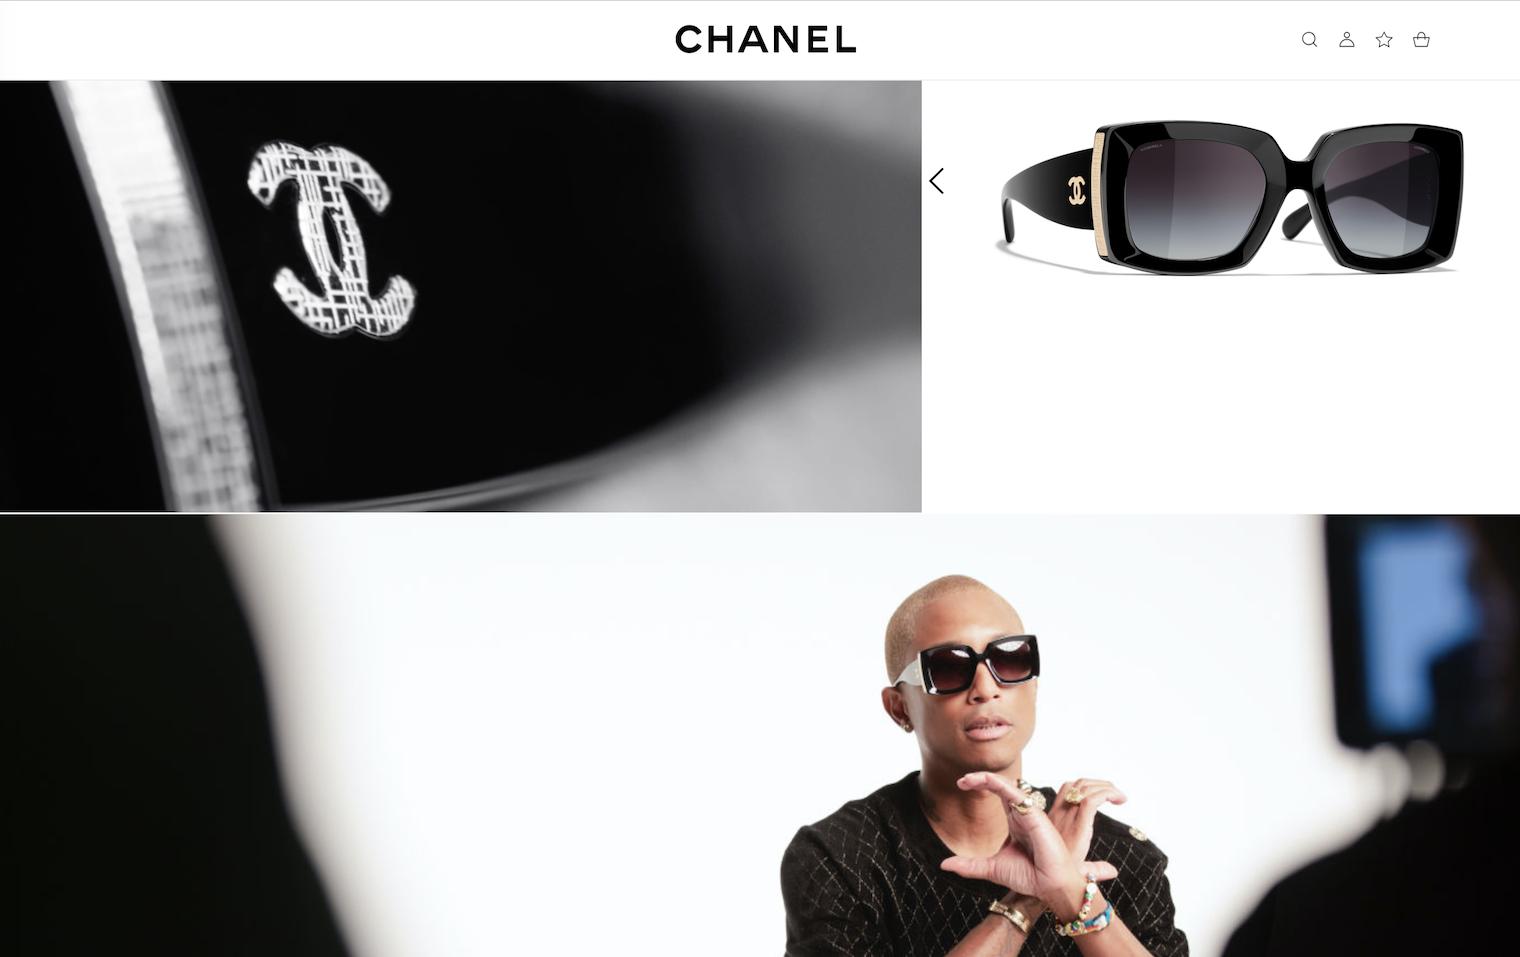 Chanel 进一步扩大官网的眼镜电商业务,开放至21个欧洲国家